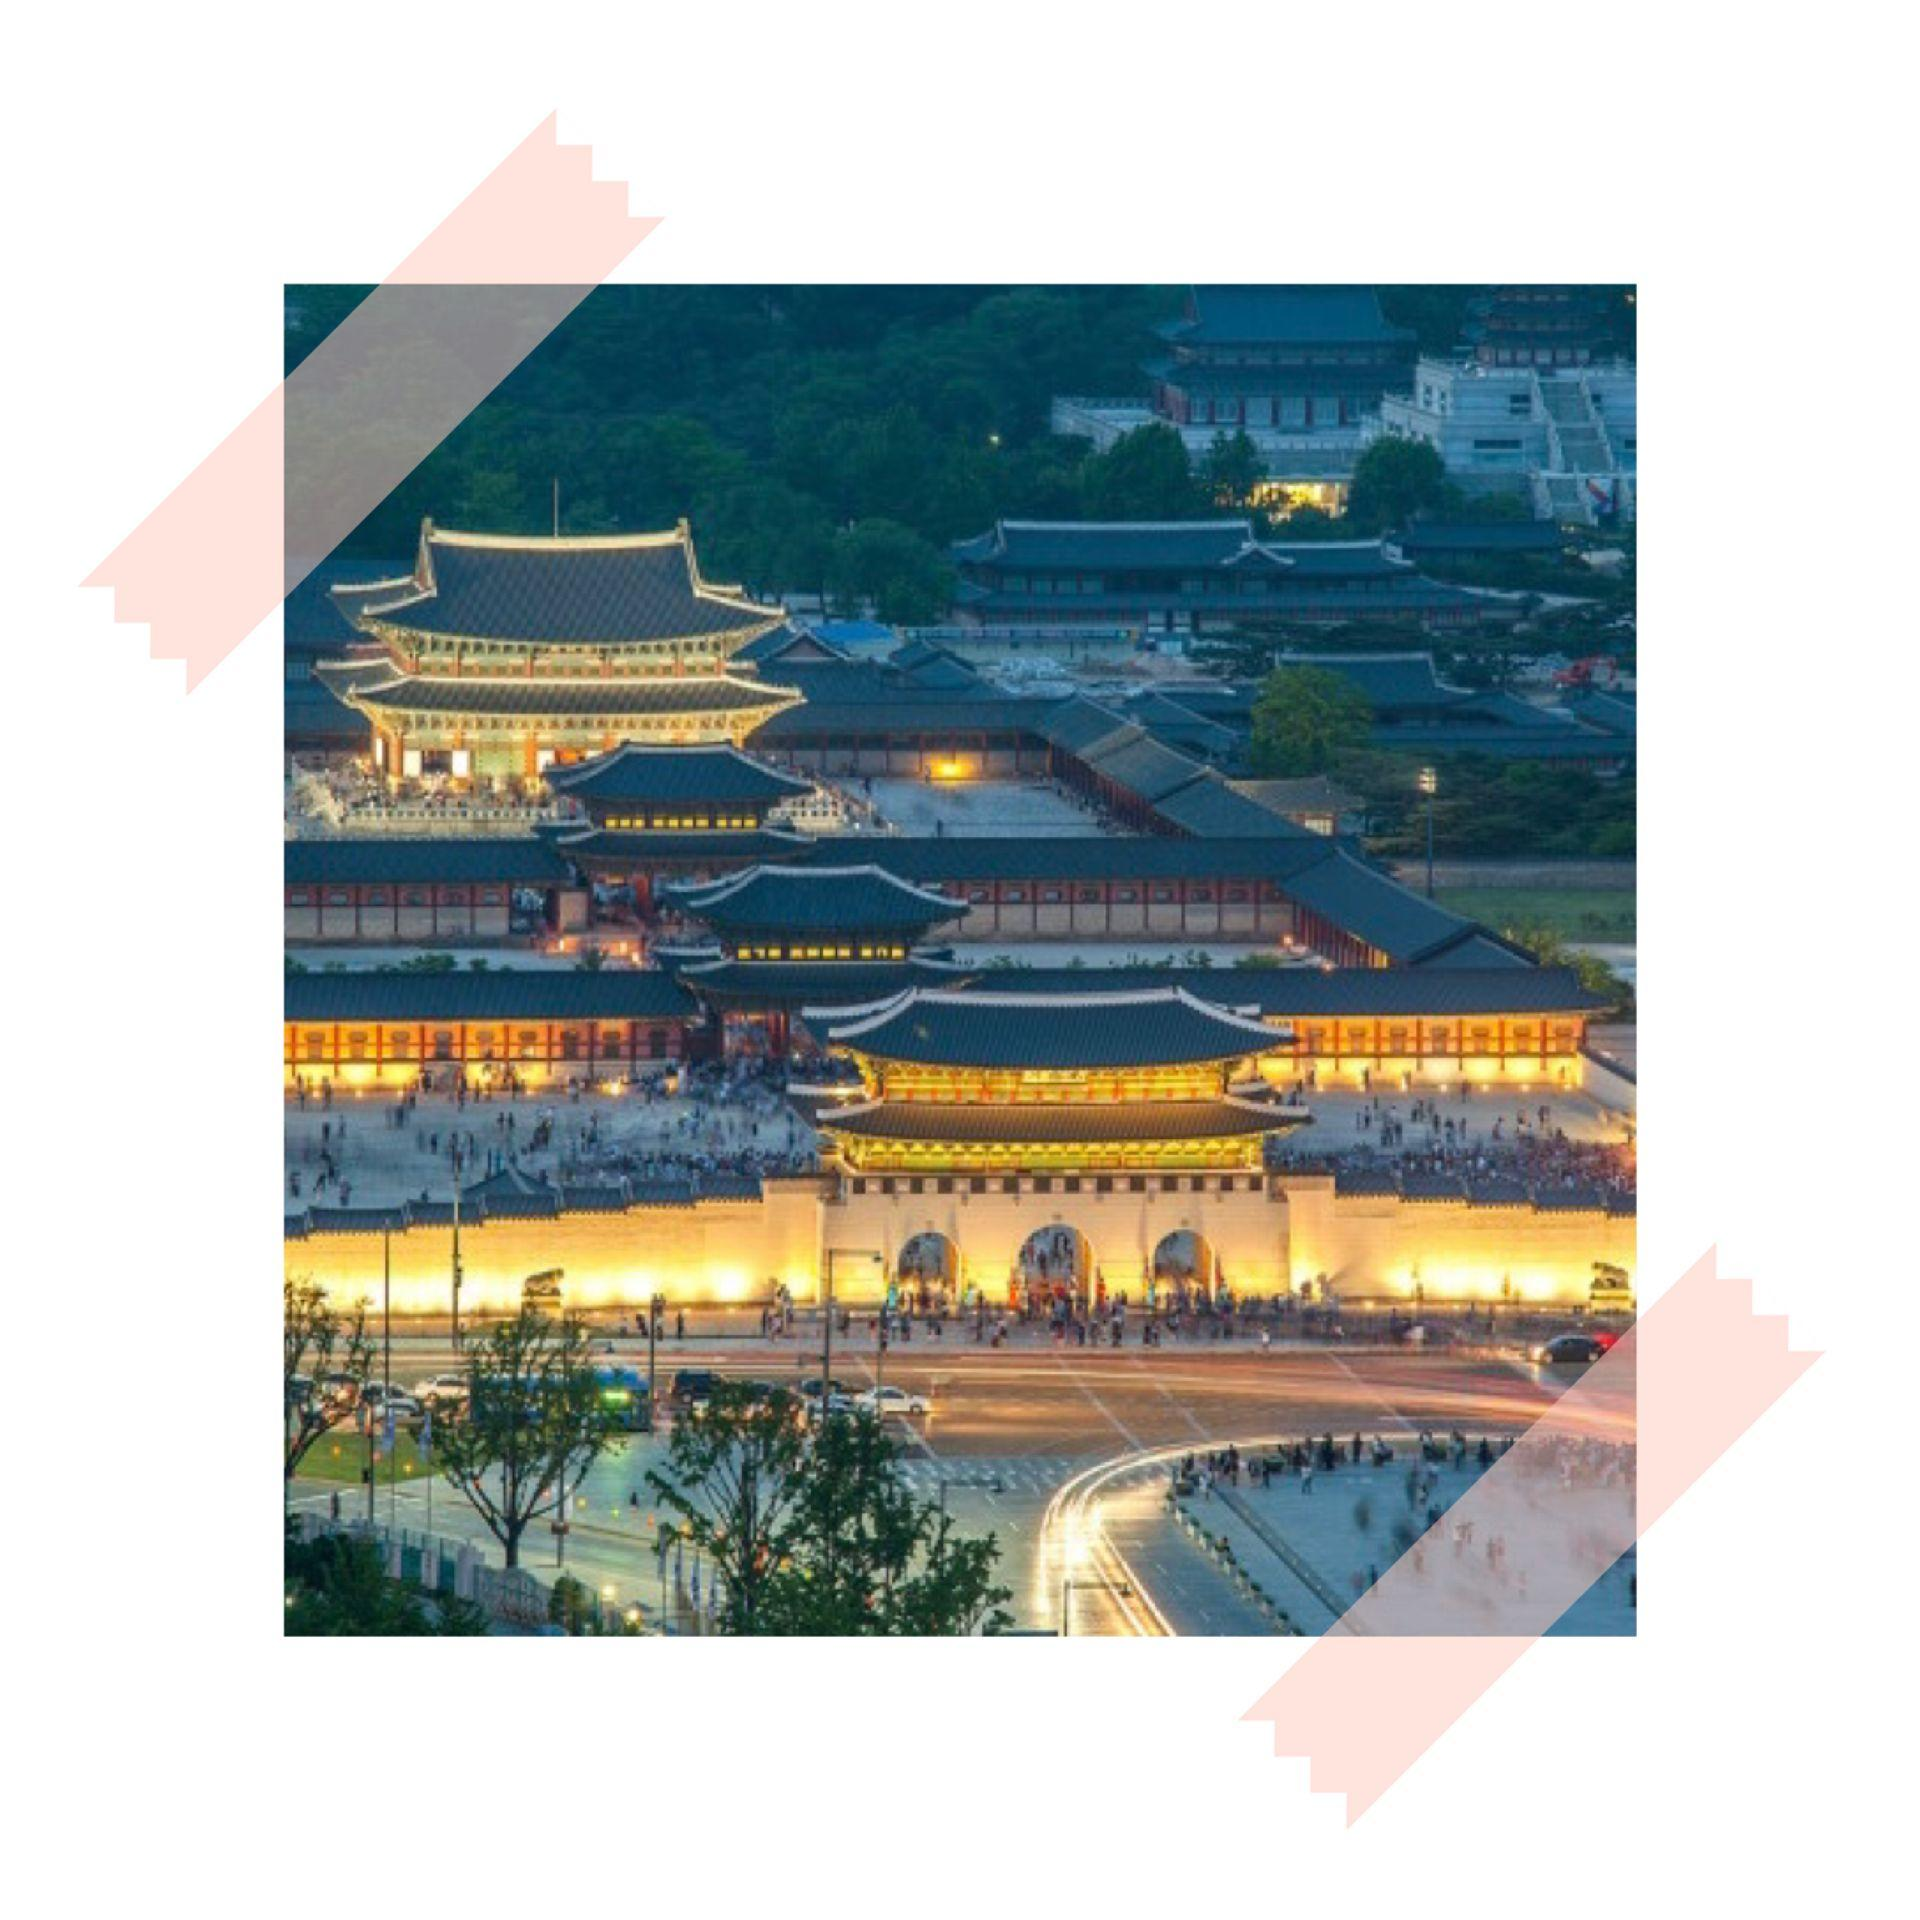 如何网上中文预约韩国各机场的个人专属移动WIFI